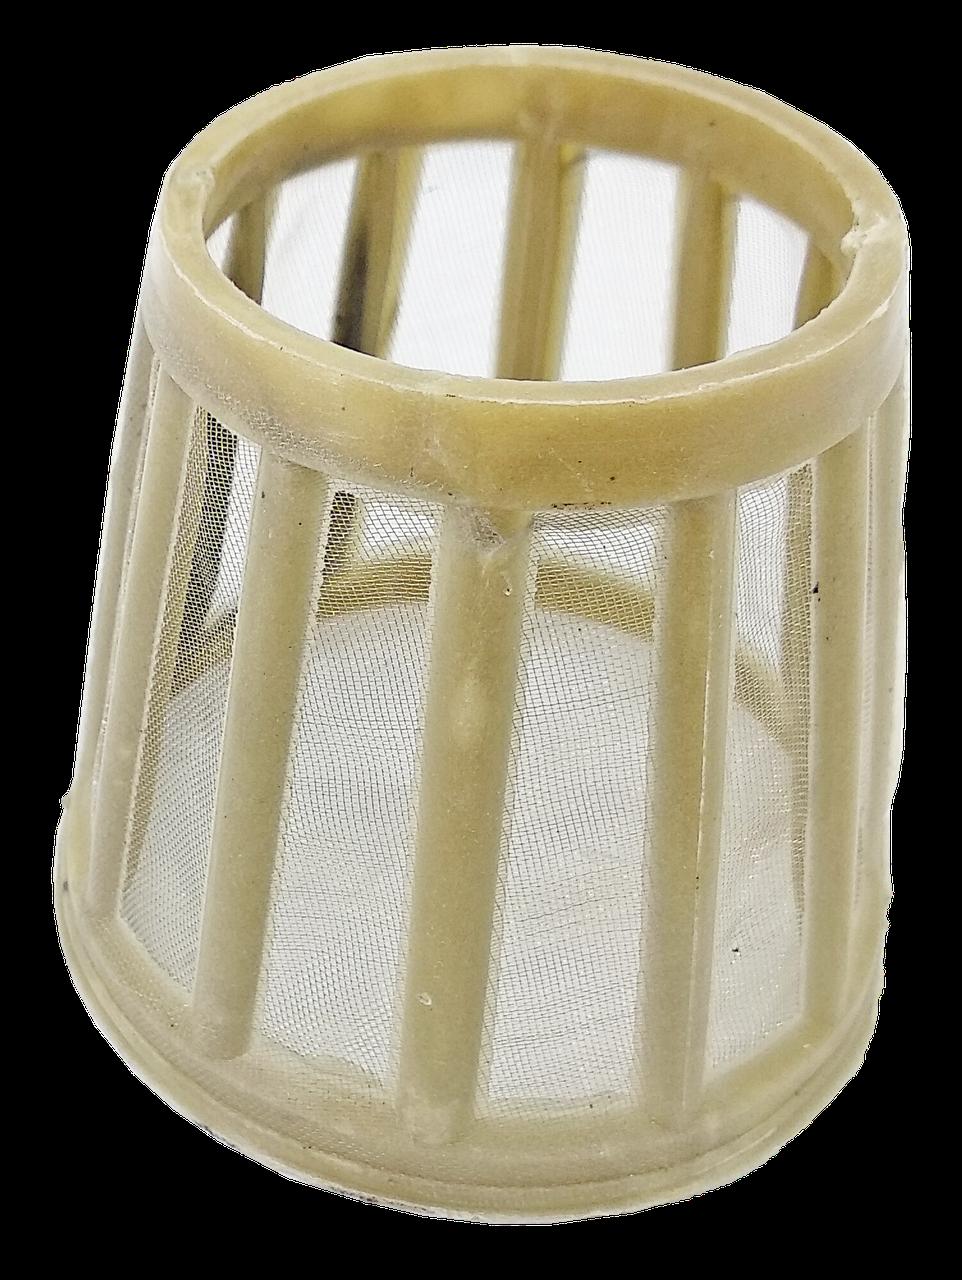 Сетка фильтра масляного центробежной очистки Д 240, 245